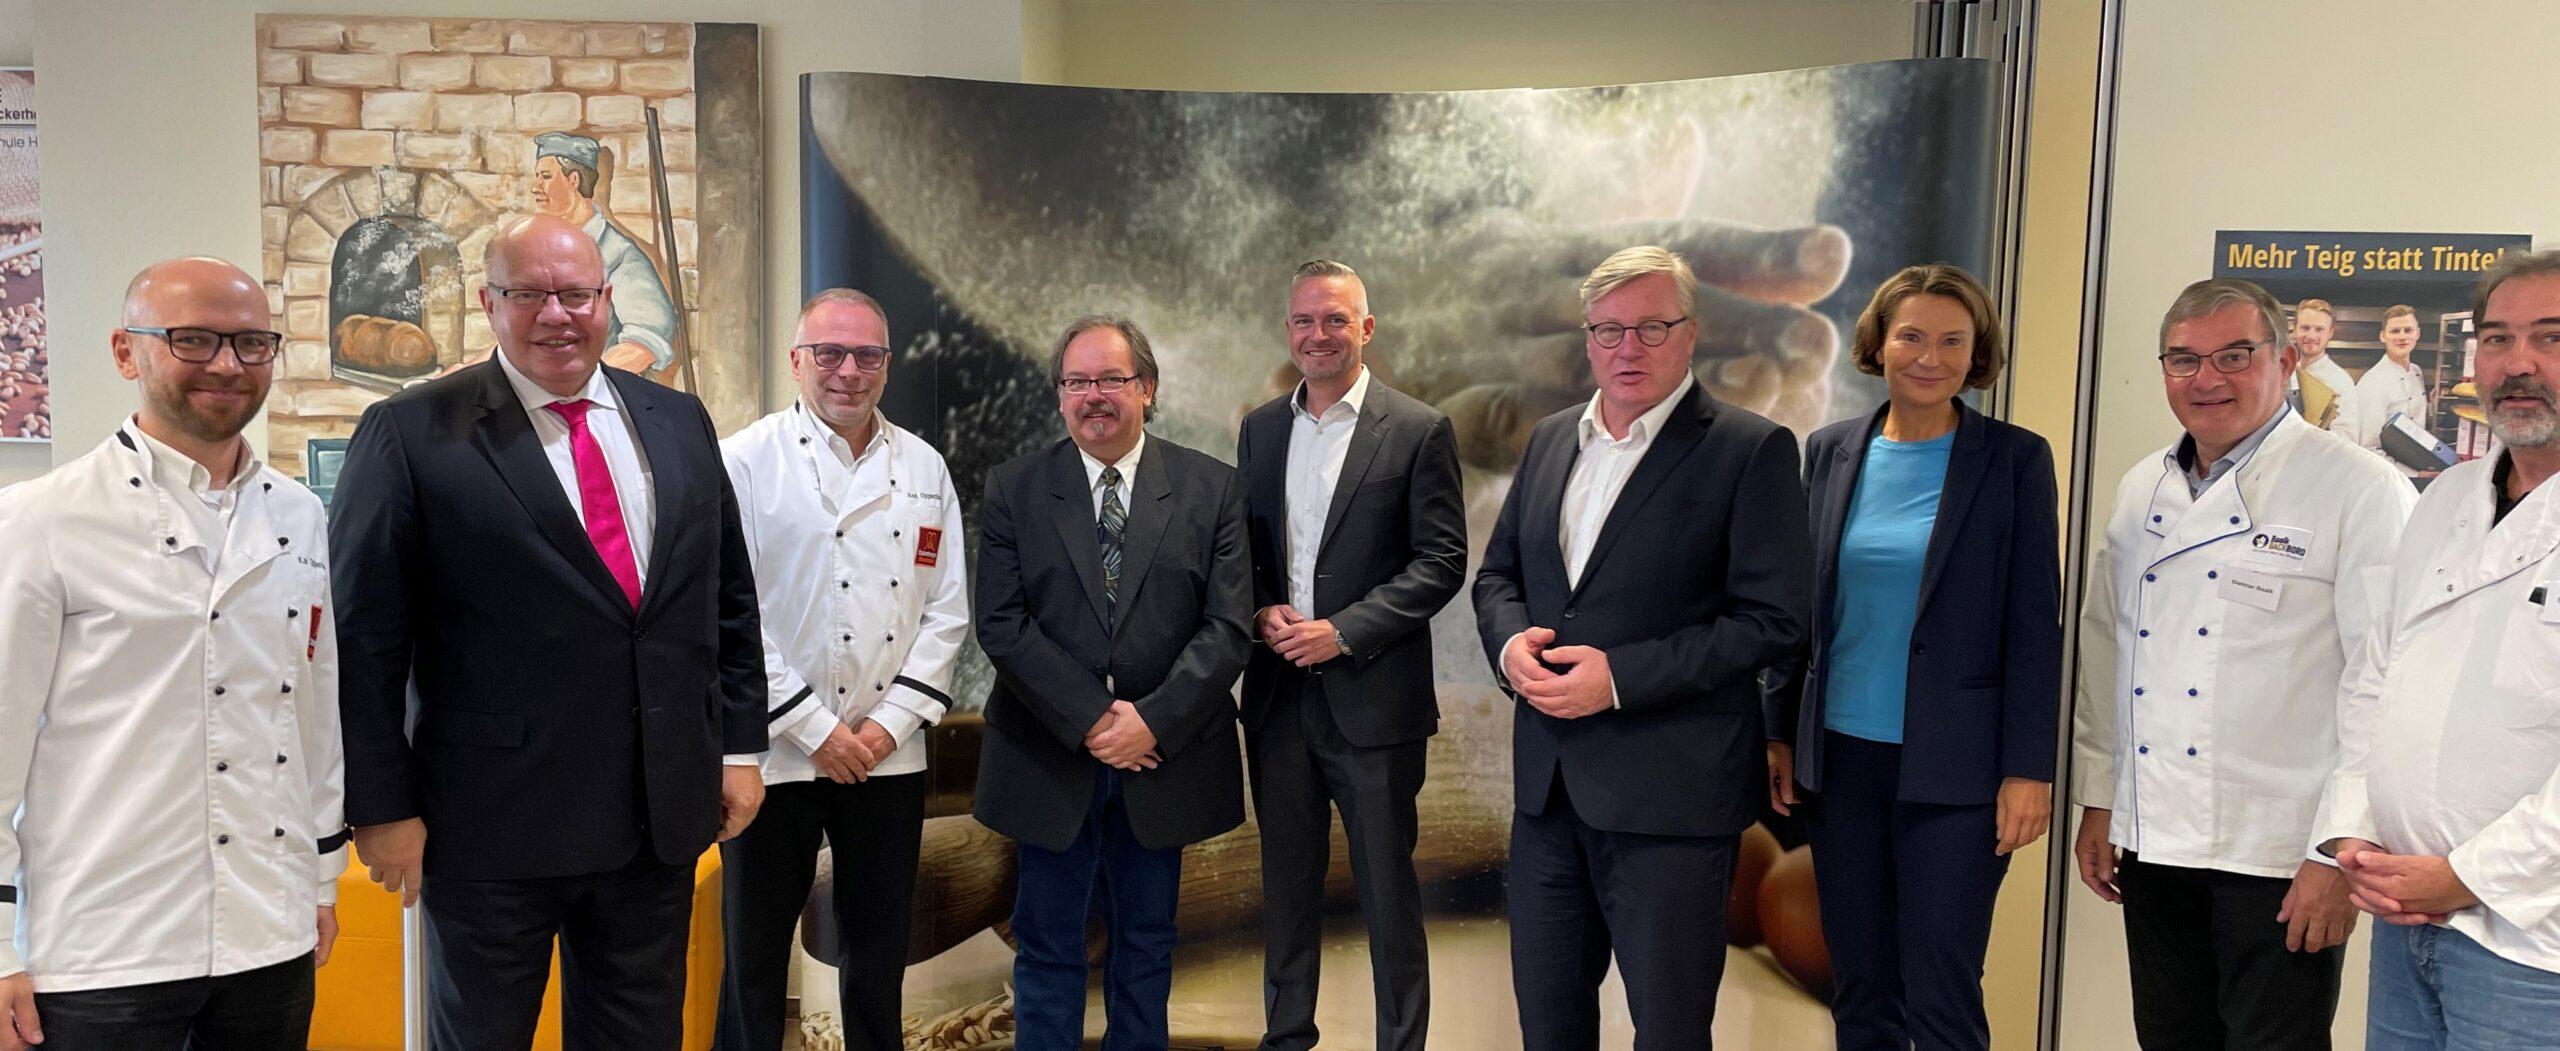 Bundesminister Altmaier und Landesminister Althusmann diskutieren mit Bäckern in Niedersachsen